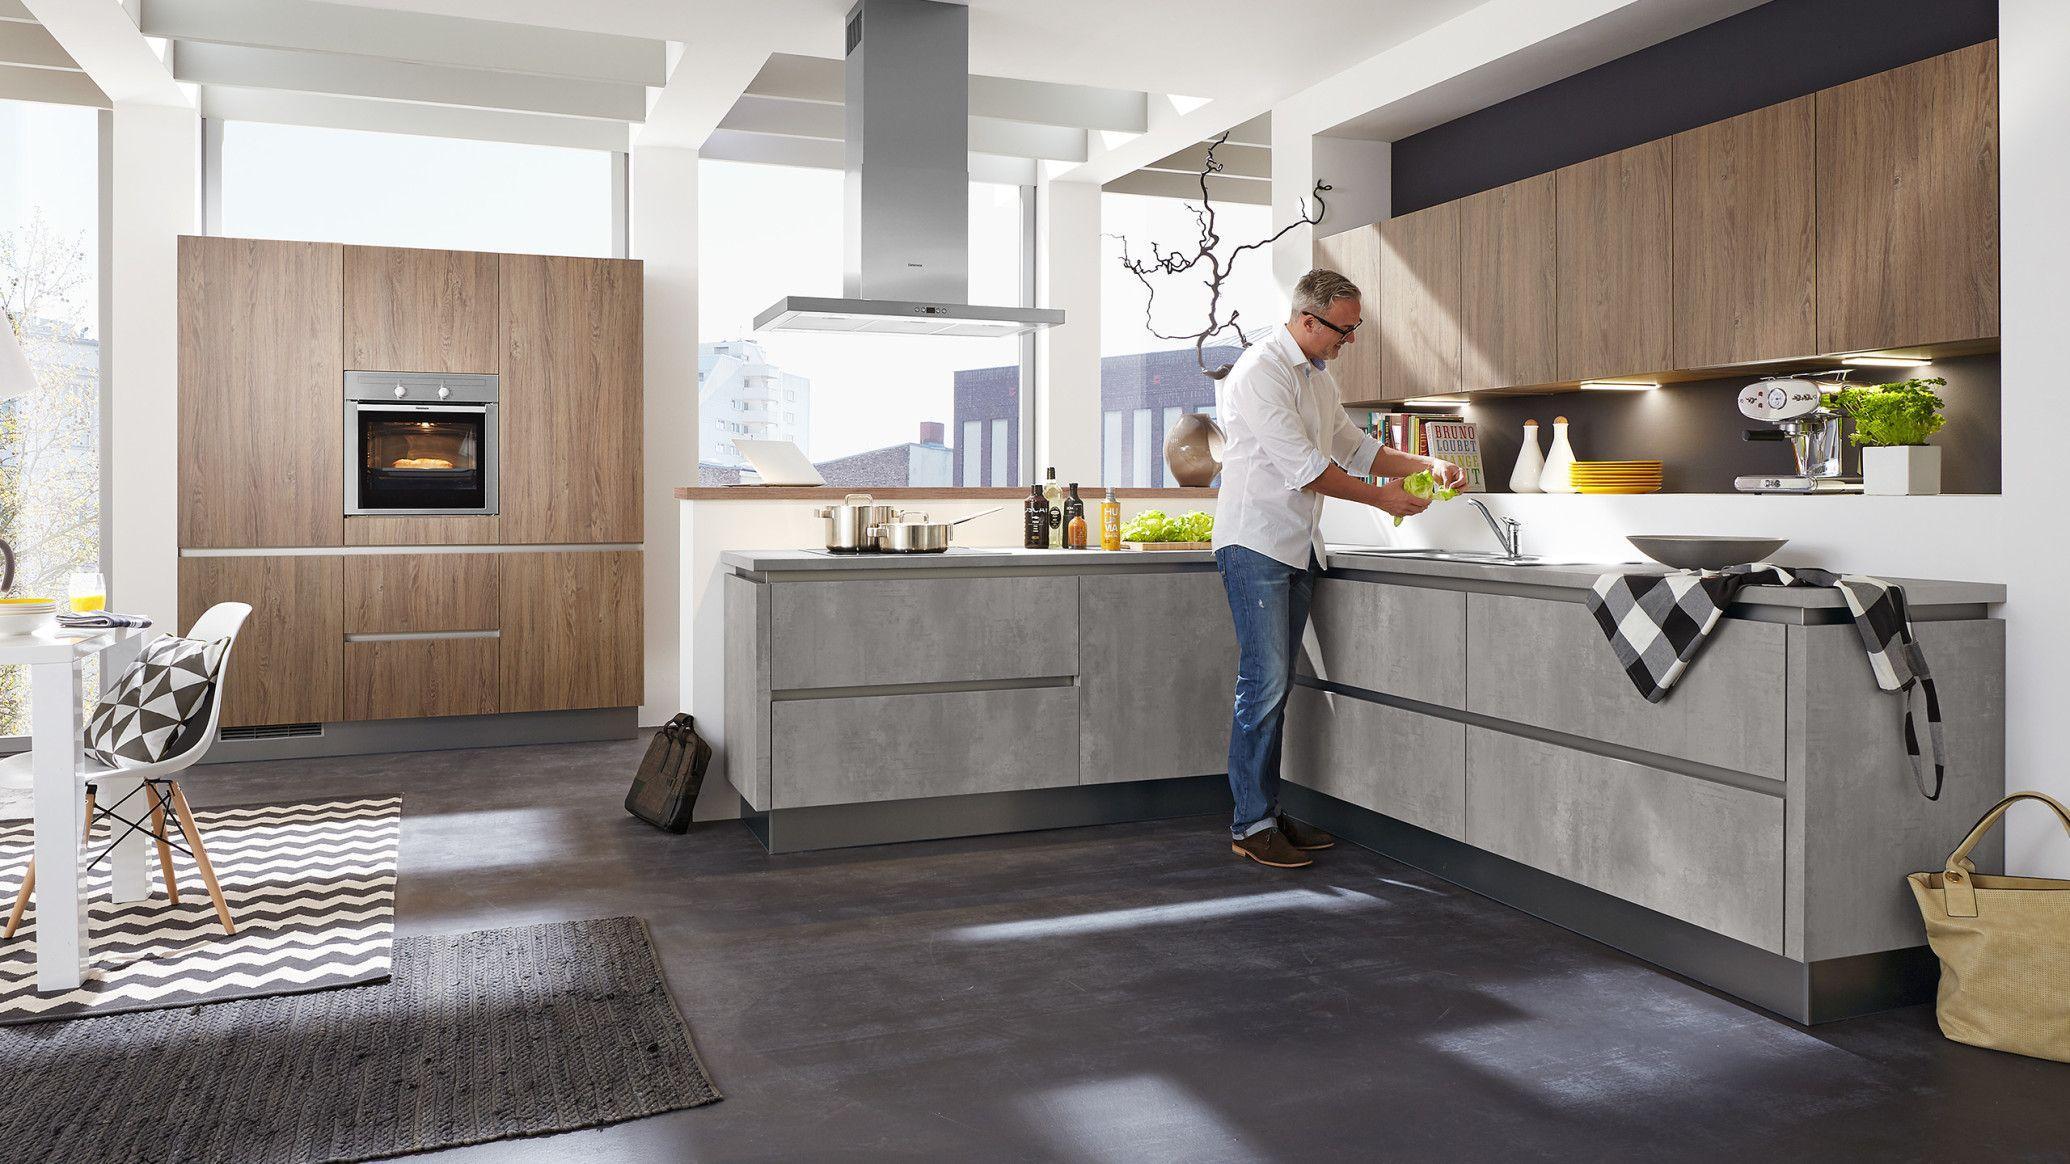 Die Kühl Anmutende Ausführung Oxidbeton Vereint Sich Bei Dieser Grifflosen  Culineo Küche Auf Das Schönste Mitu2026